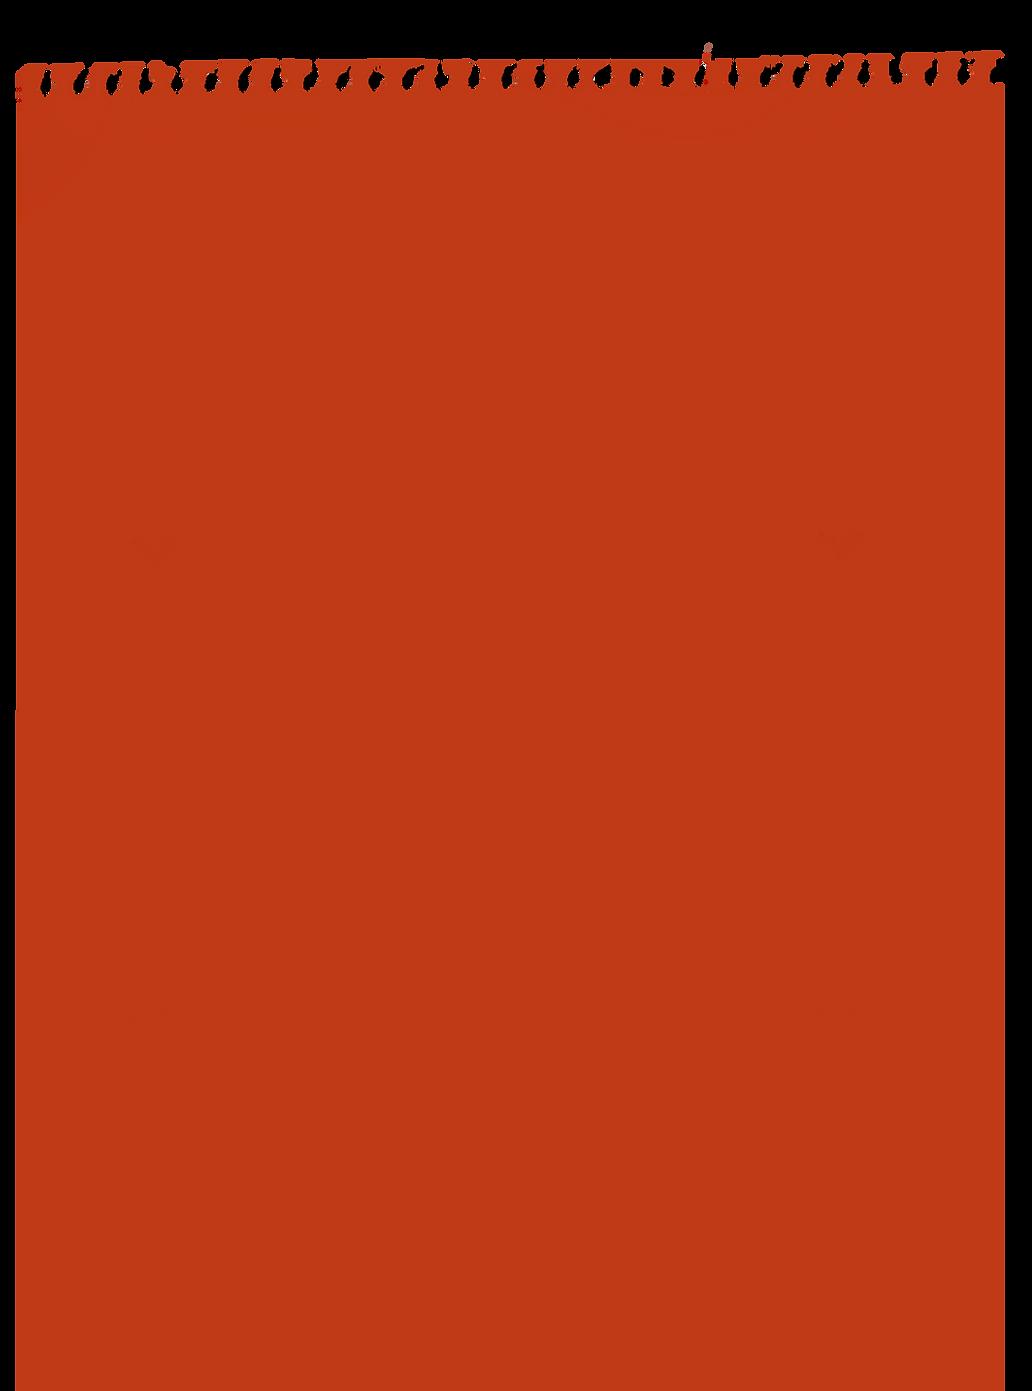 fond trou orange.png